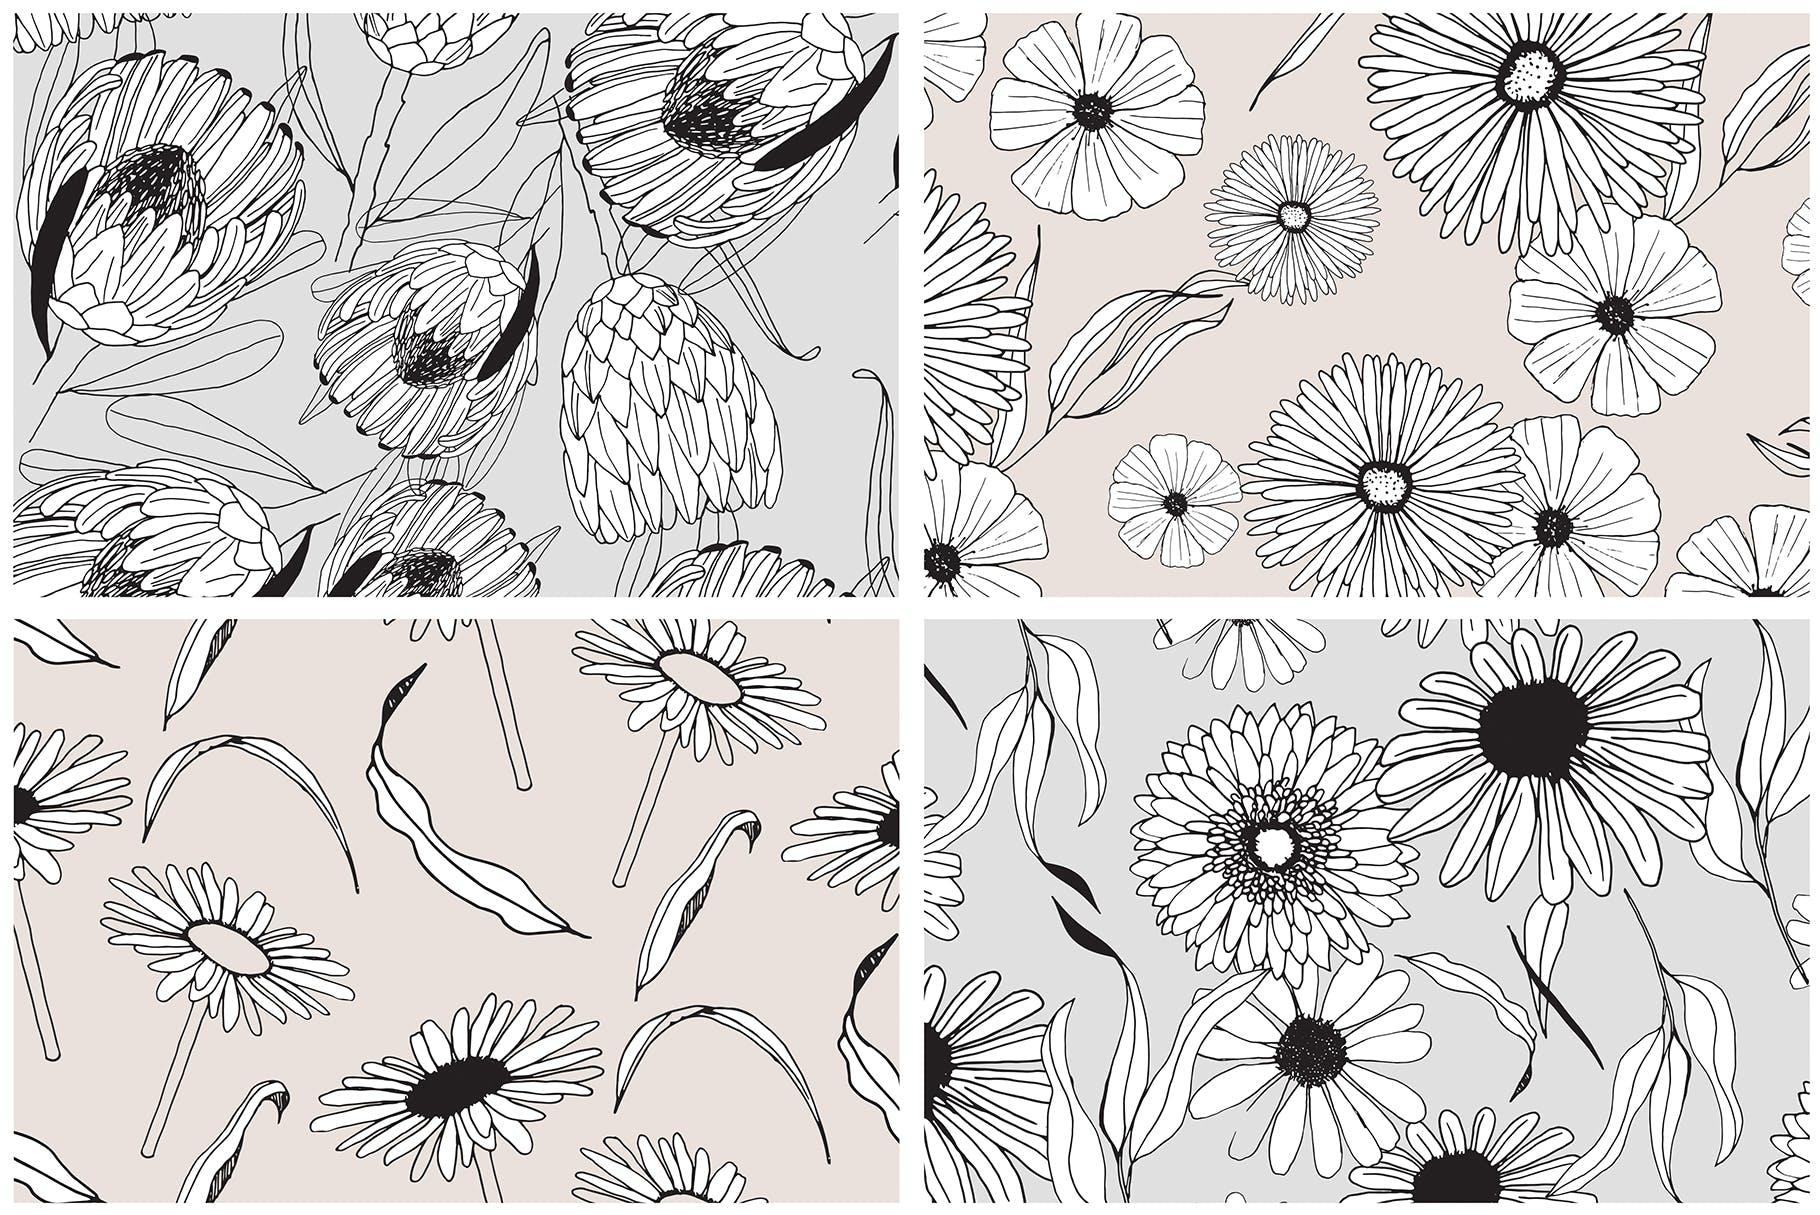 图形花卉图案装饰性元素图案花纹素材下载Graphic Flowers Patterns Elements插图(4)